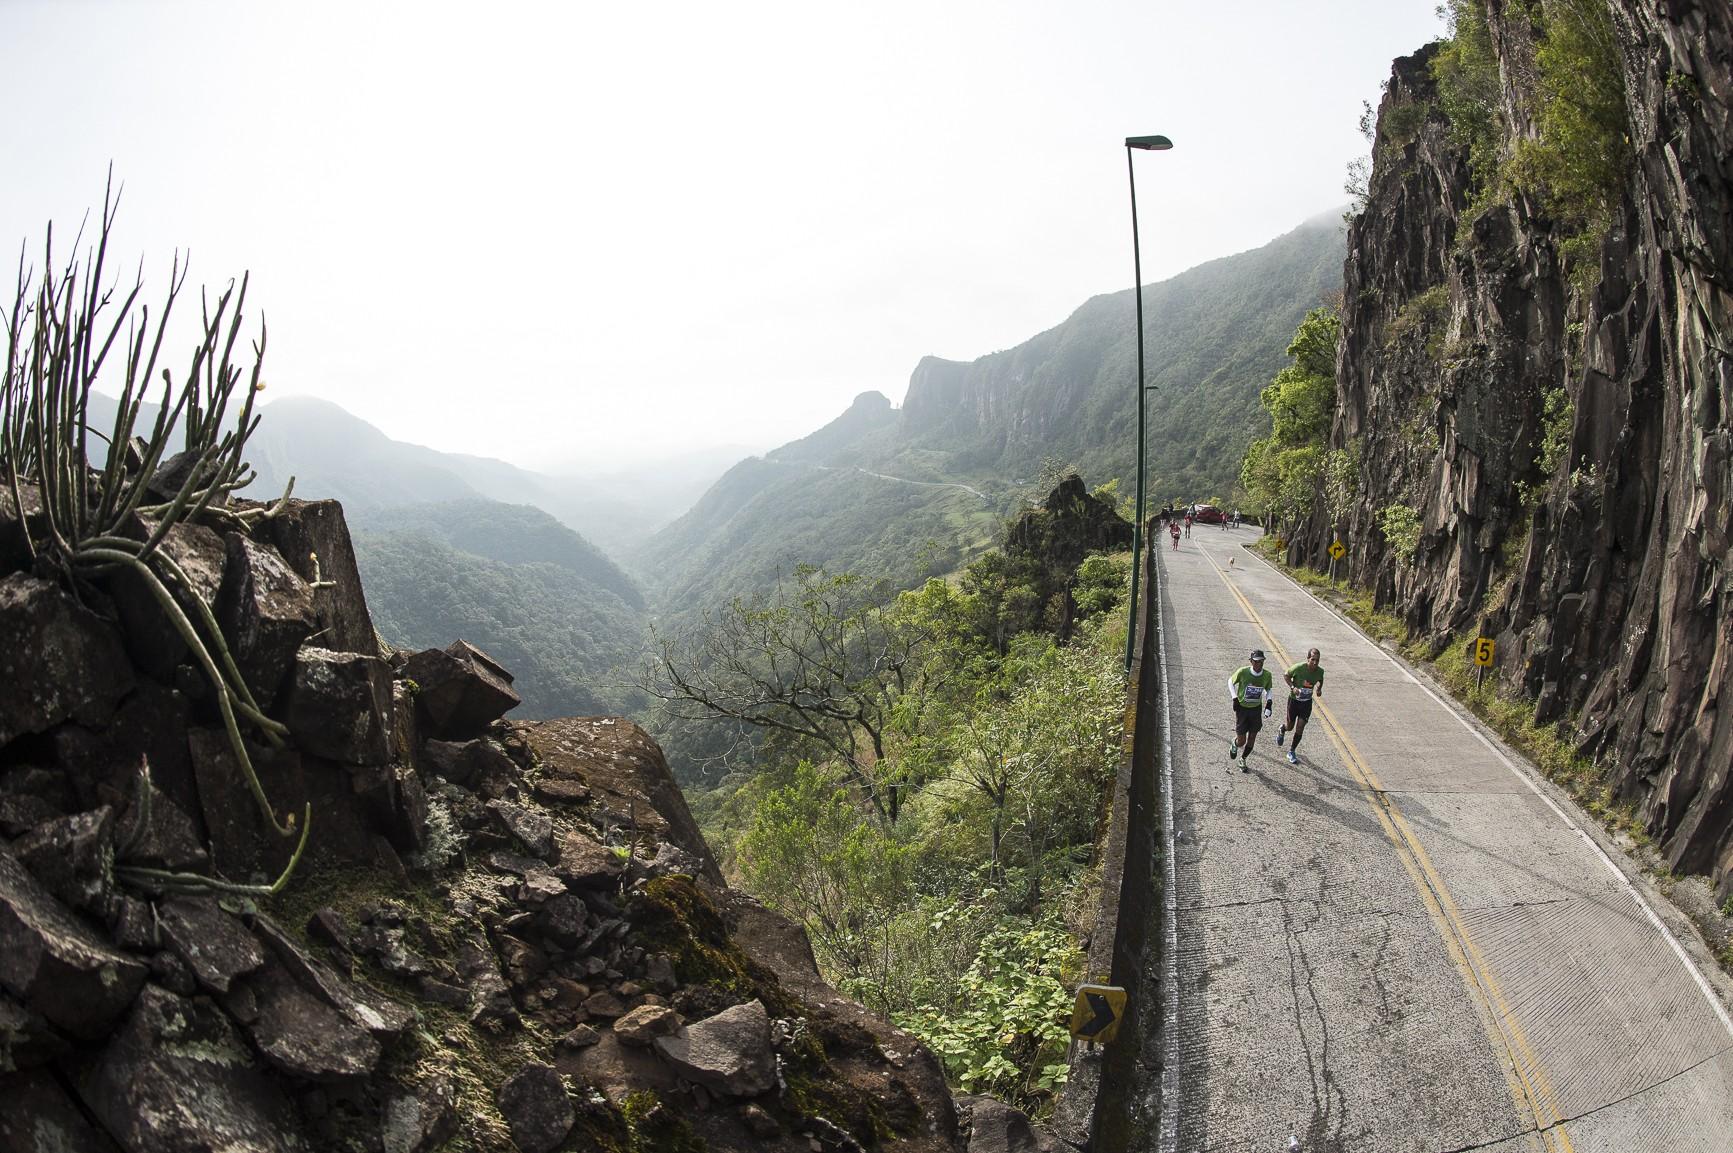 Cena comum da Uphill: ladeirão e sofrimento (Foto: Divulgação)